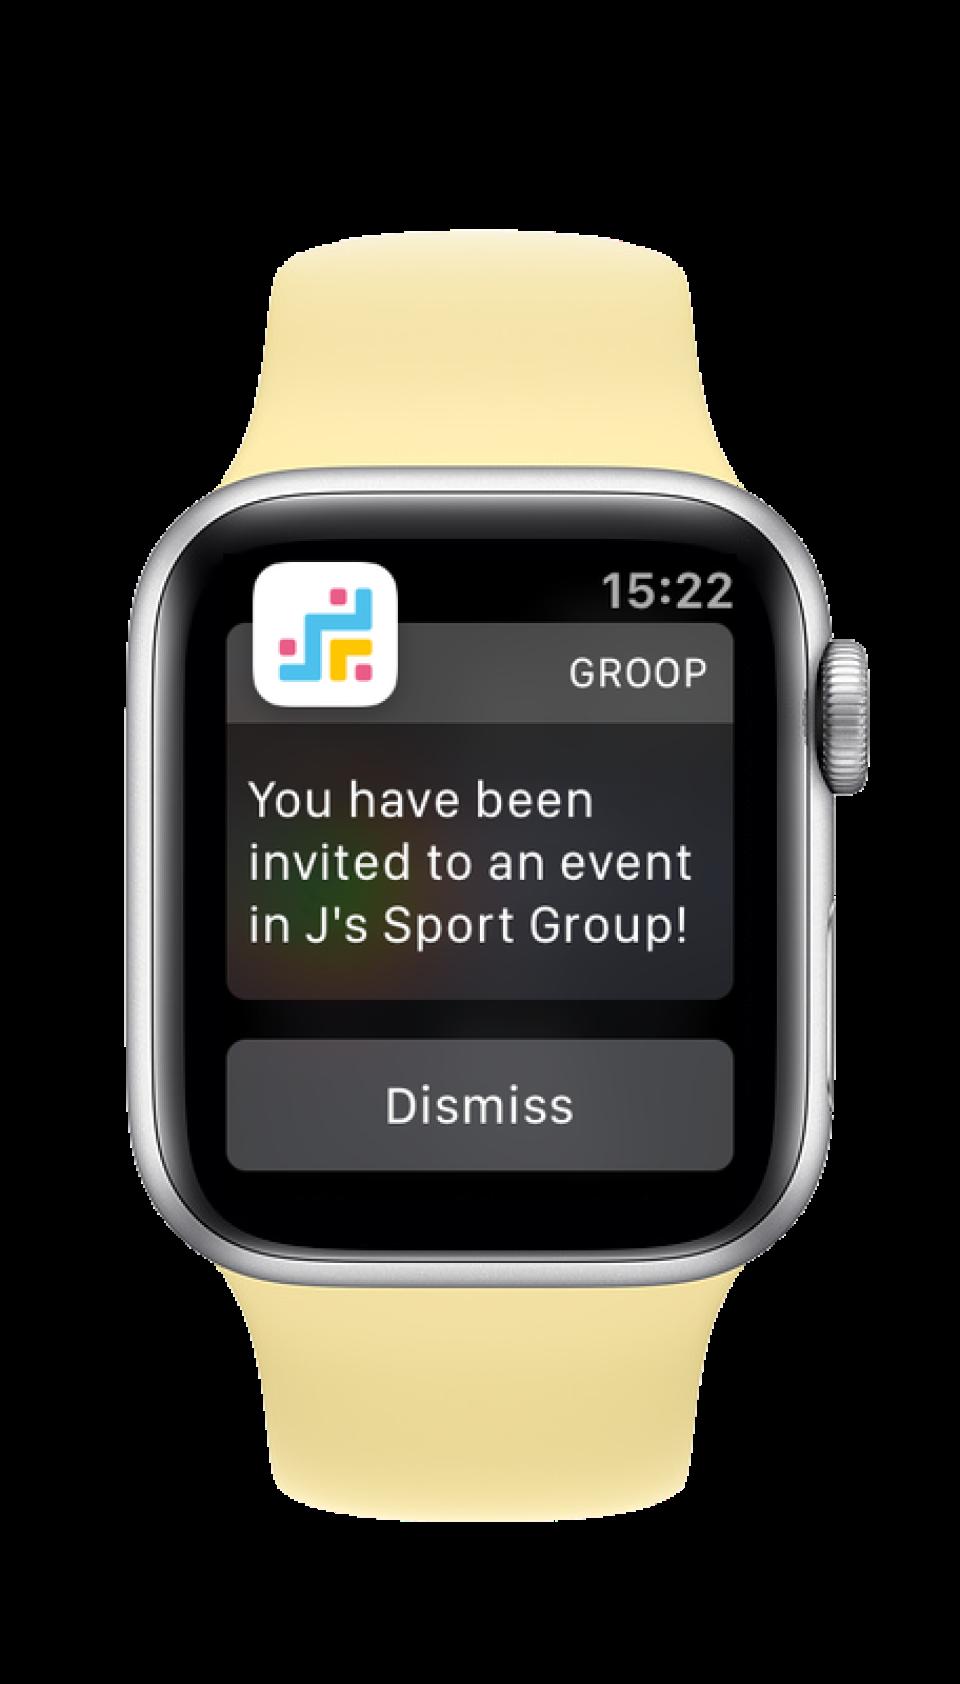 Groop Software - 5